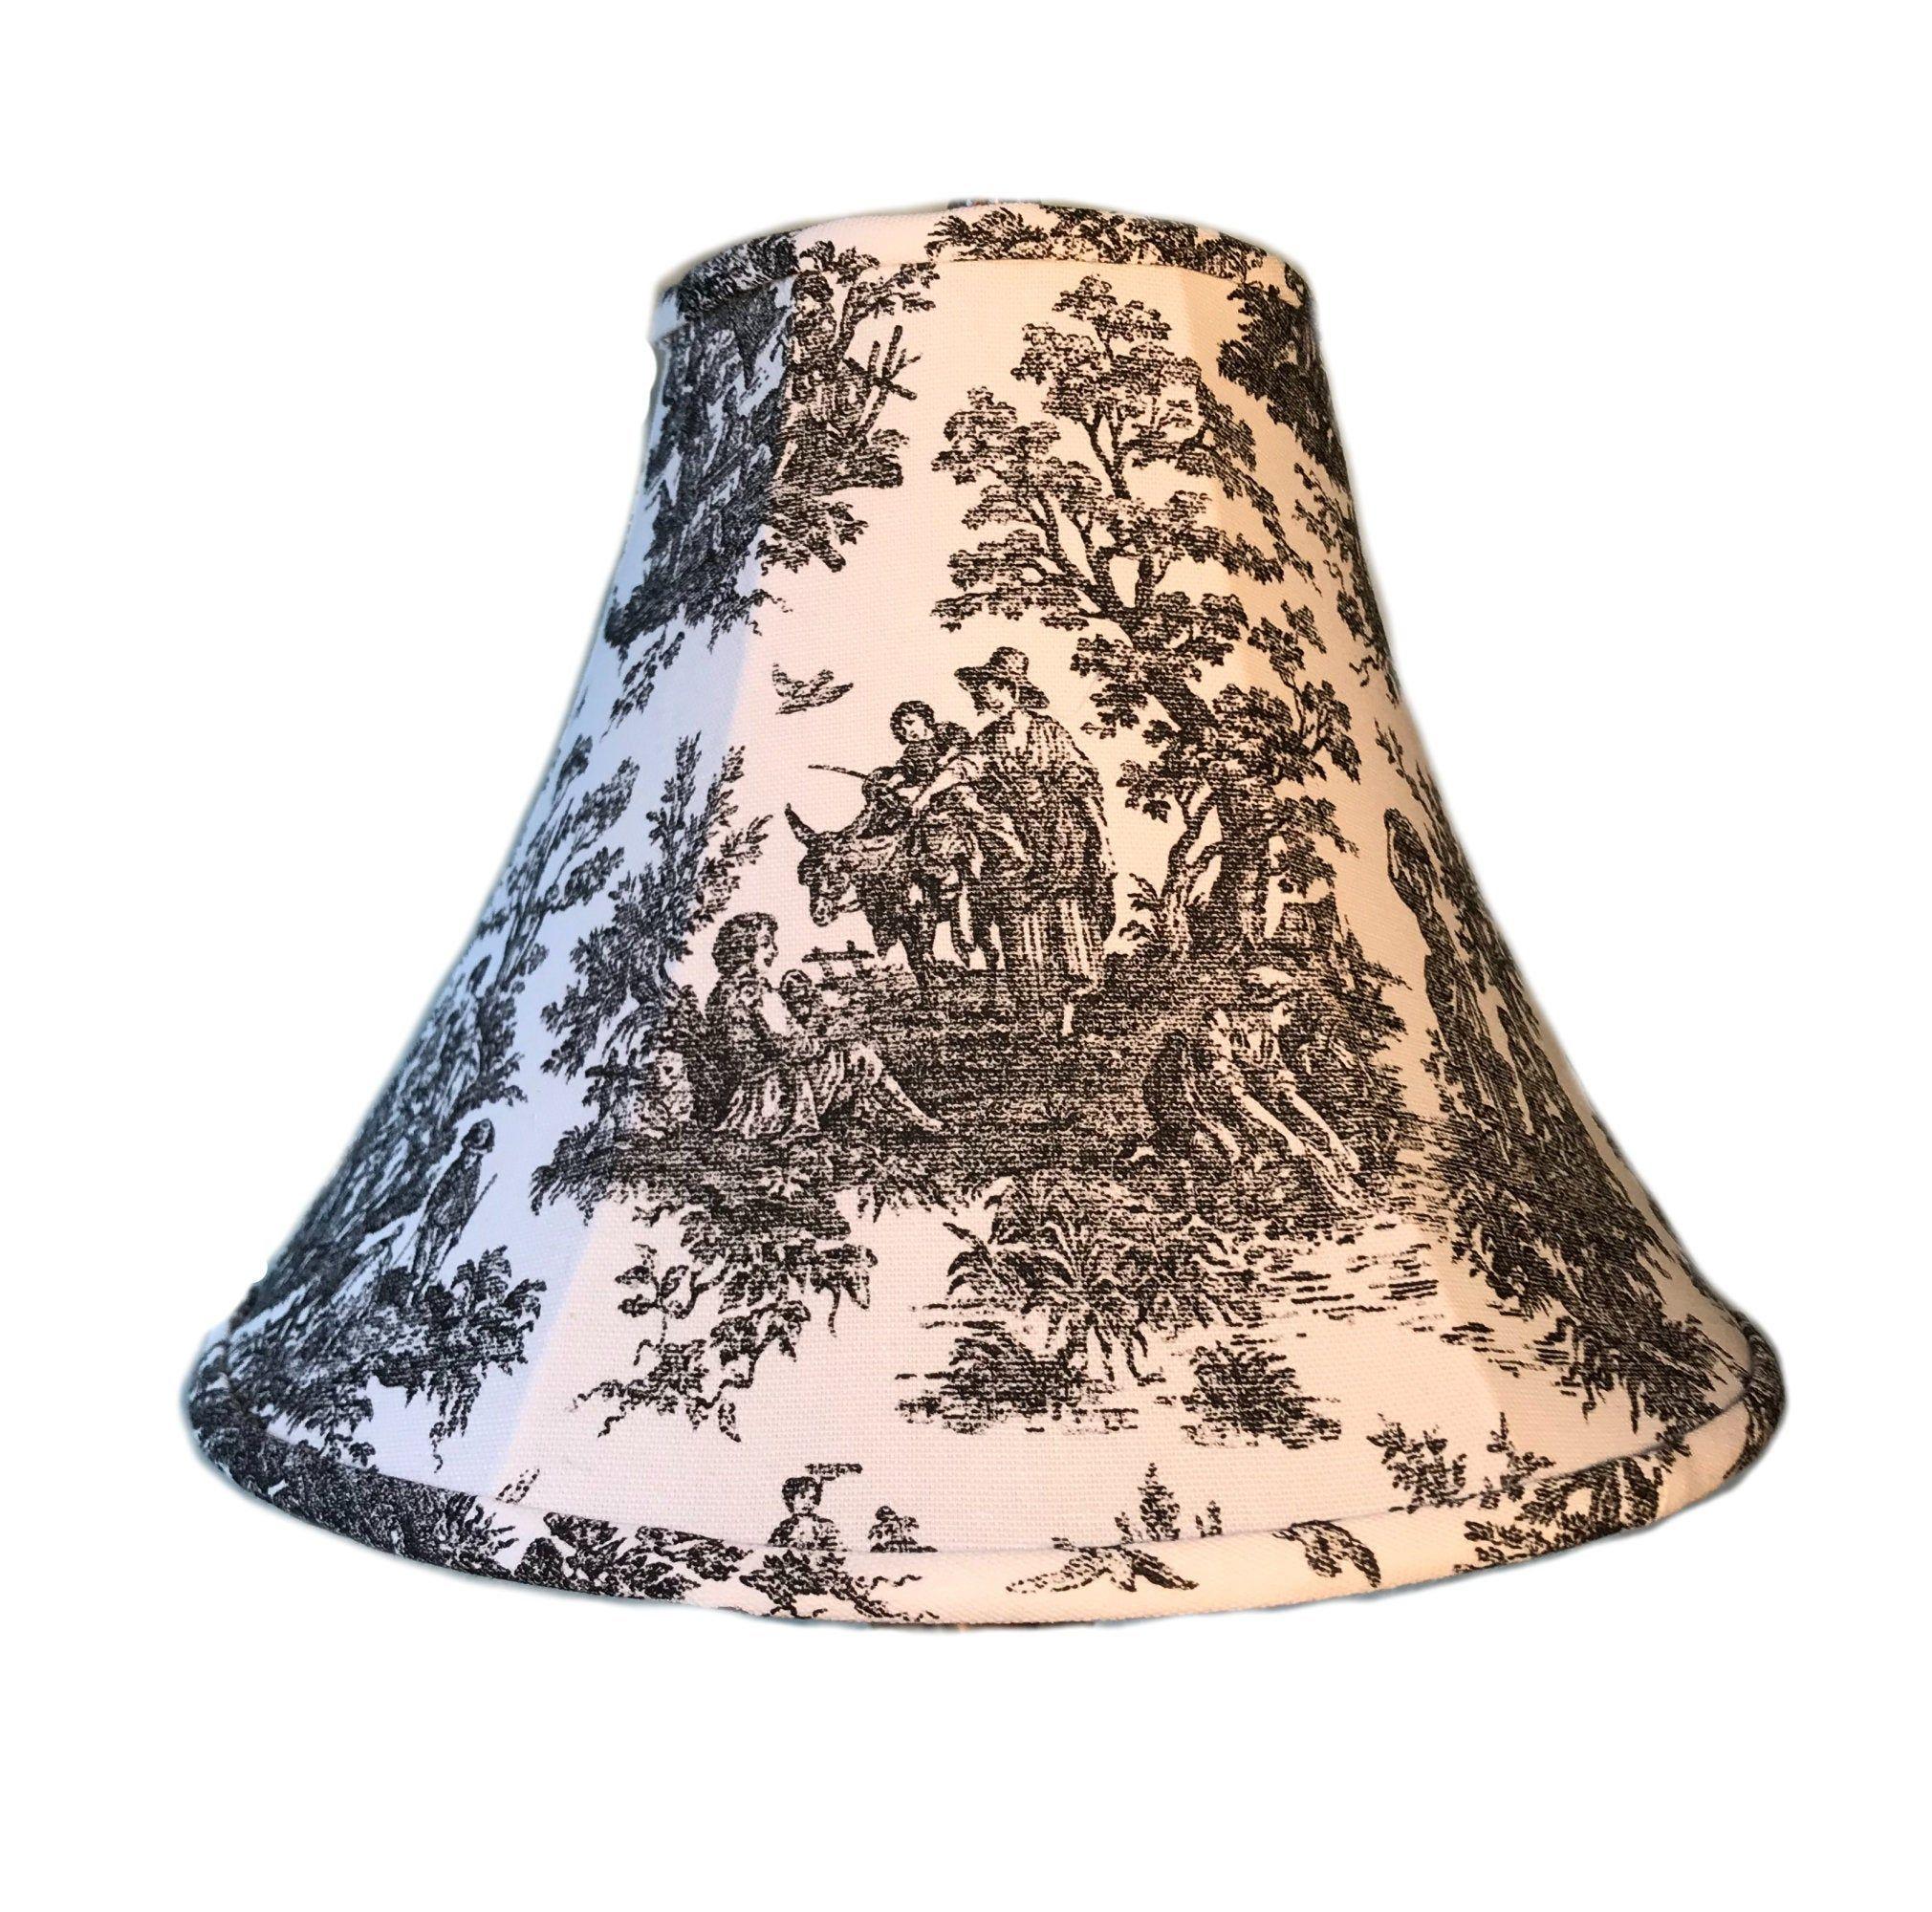 Black Toile Lamp Shade Toile Lamp Shade French Country Lamp Shade Black And White Lamp Shade Free Shipping Continental Usa Lamp Shade White Lamp Shade Lamp